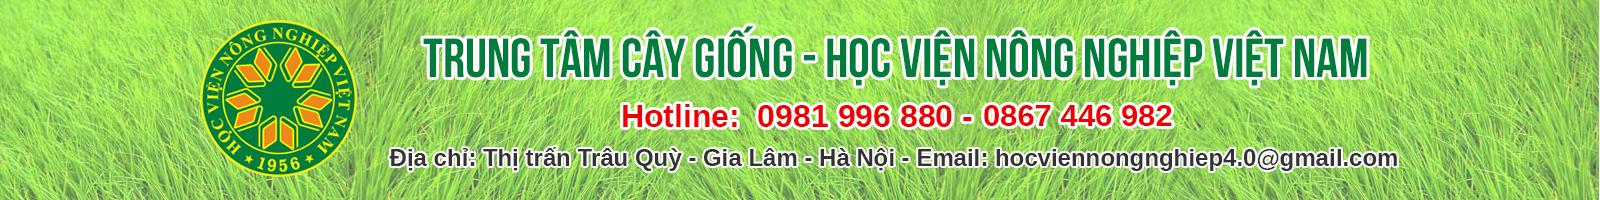 Trung tâm Giống Cây Trồng – Học viện Nông Nghiệp Việt Nam